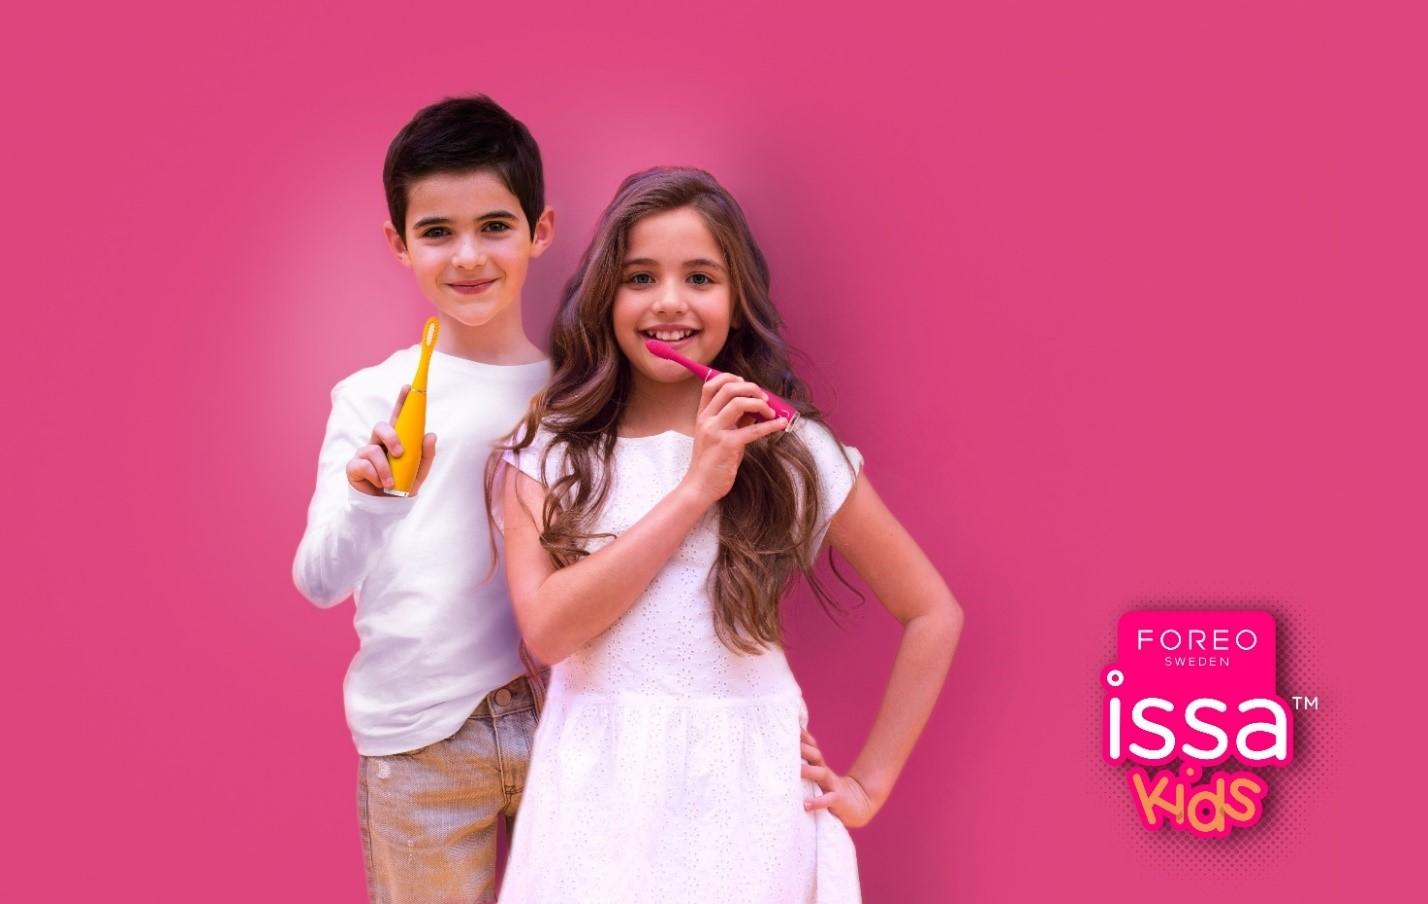 FOREO predstavlja ISSA baby i ISSA kids, novu oral care liniju za djecu s najširim osmijehom